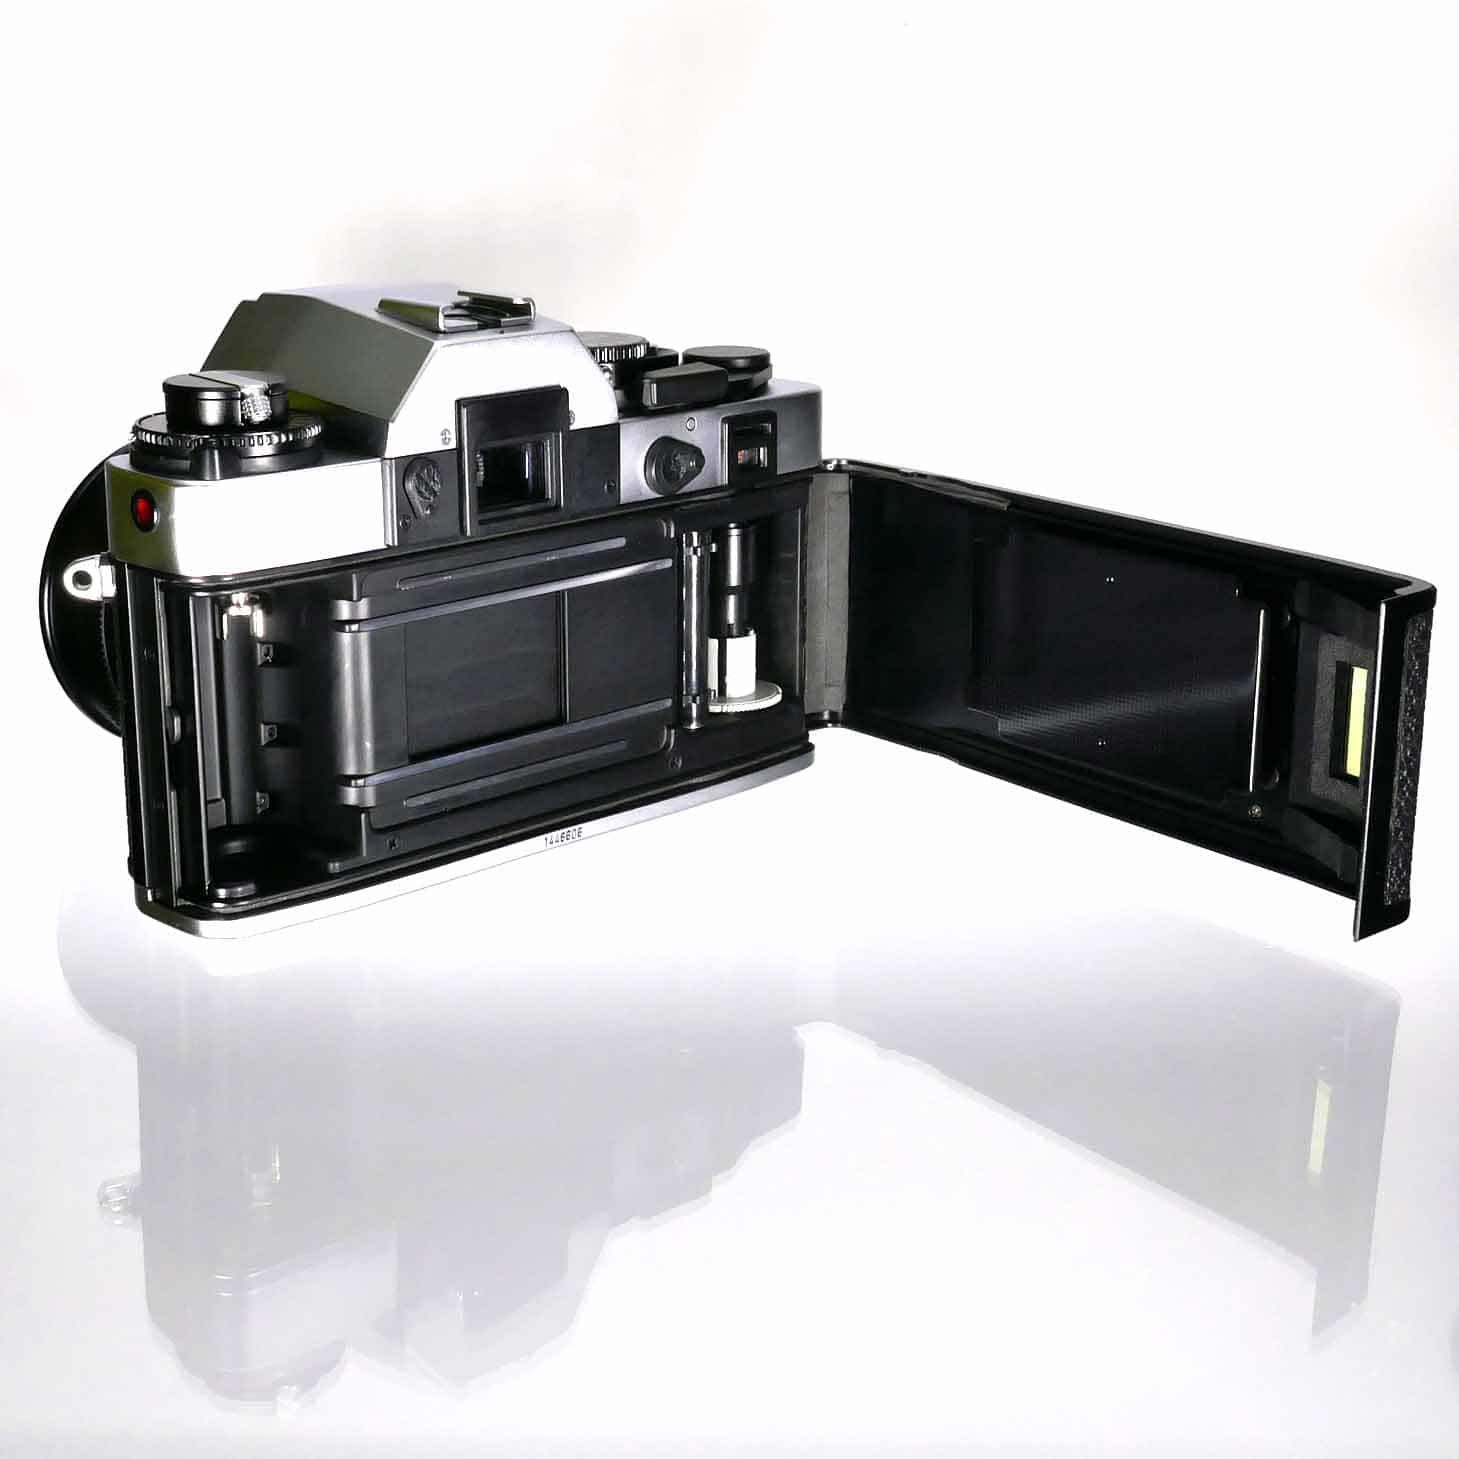 clean-cameras-Leica-R3-Summicron-50mm-05